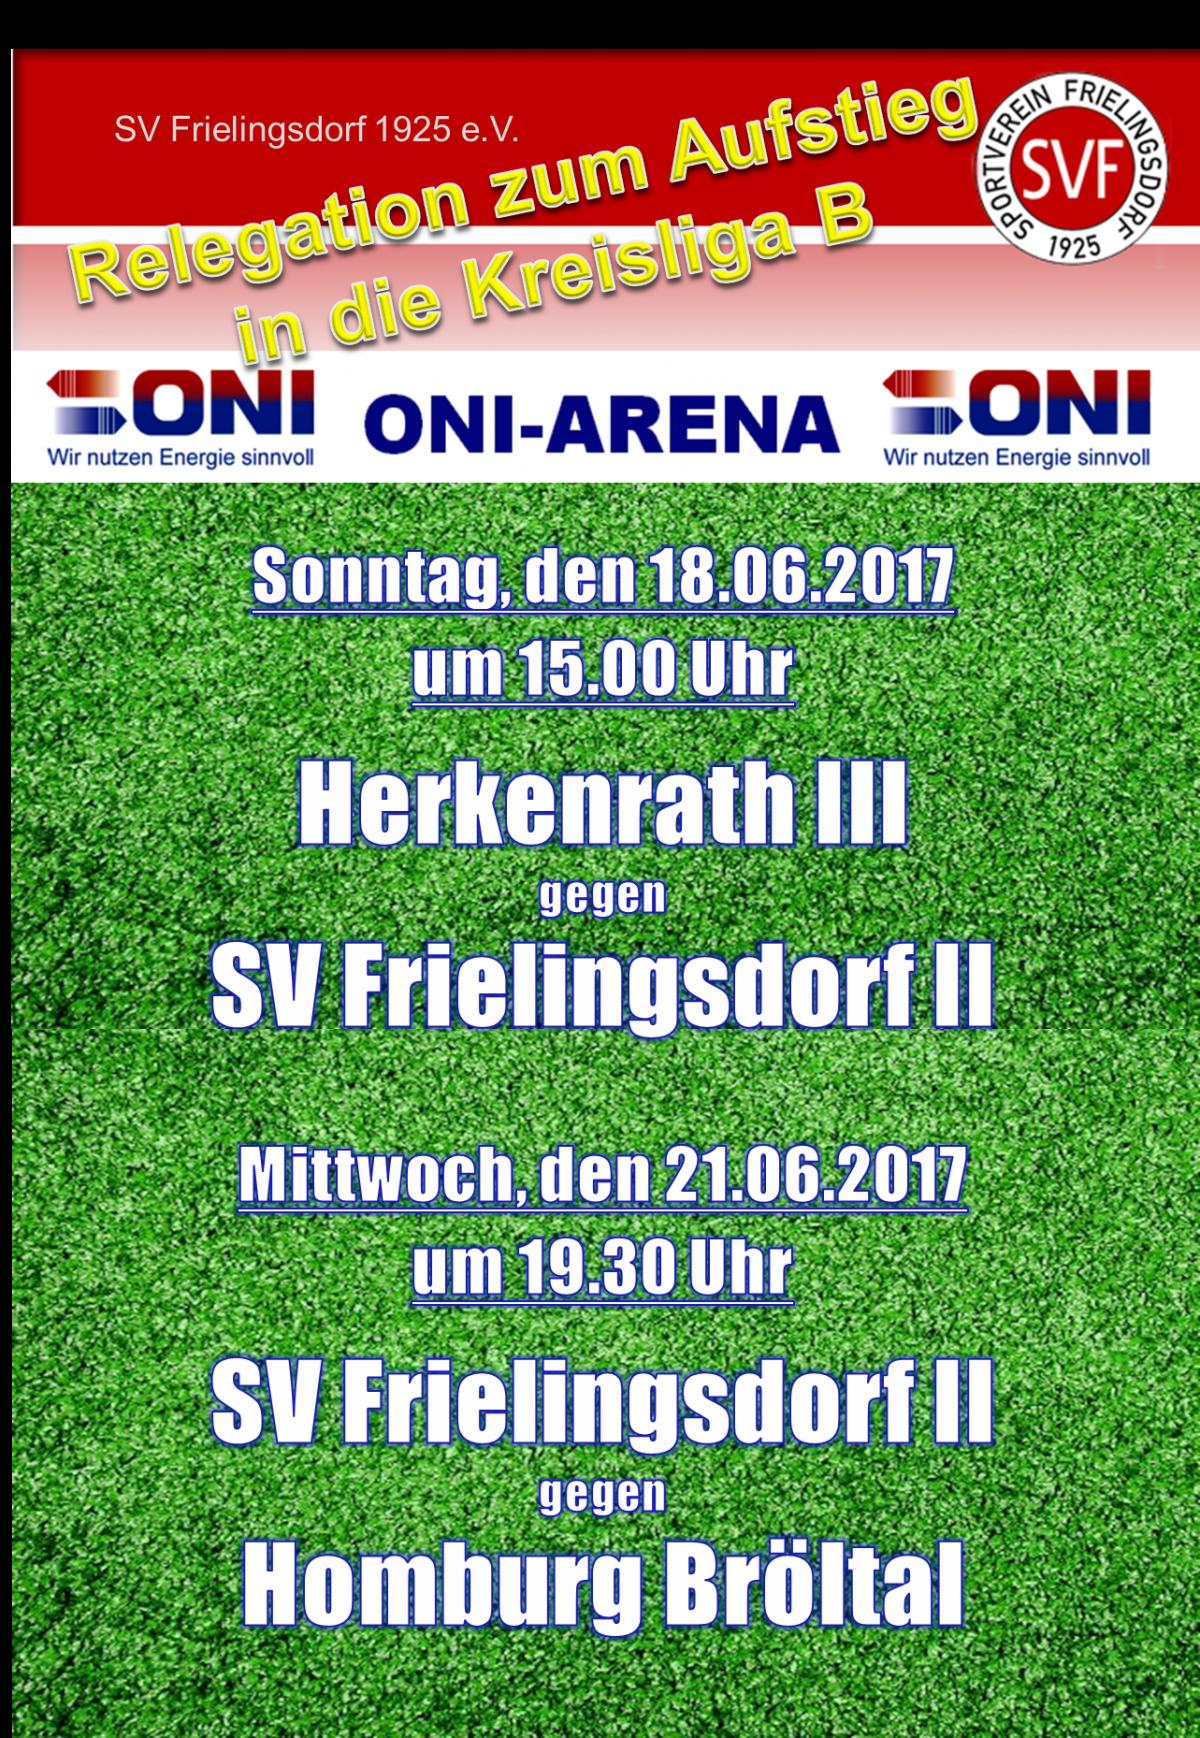 Relegation Aufstieg Kliga B 2016-17